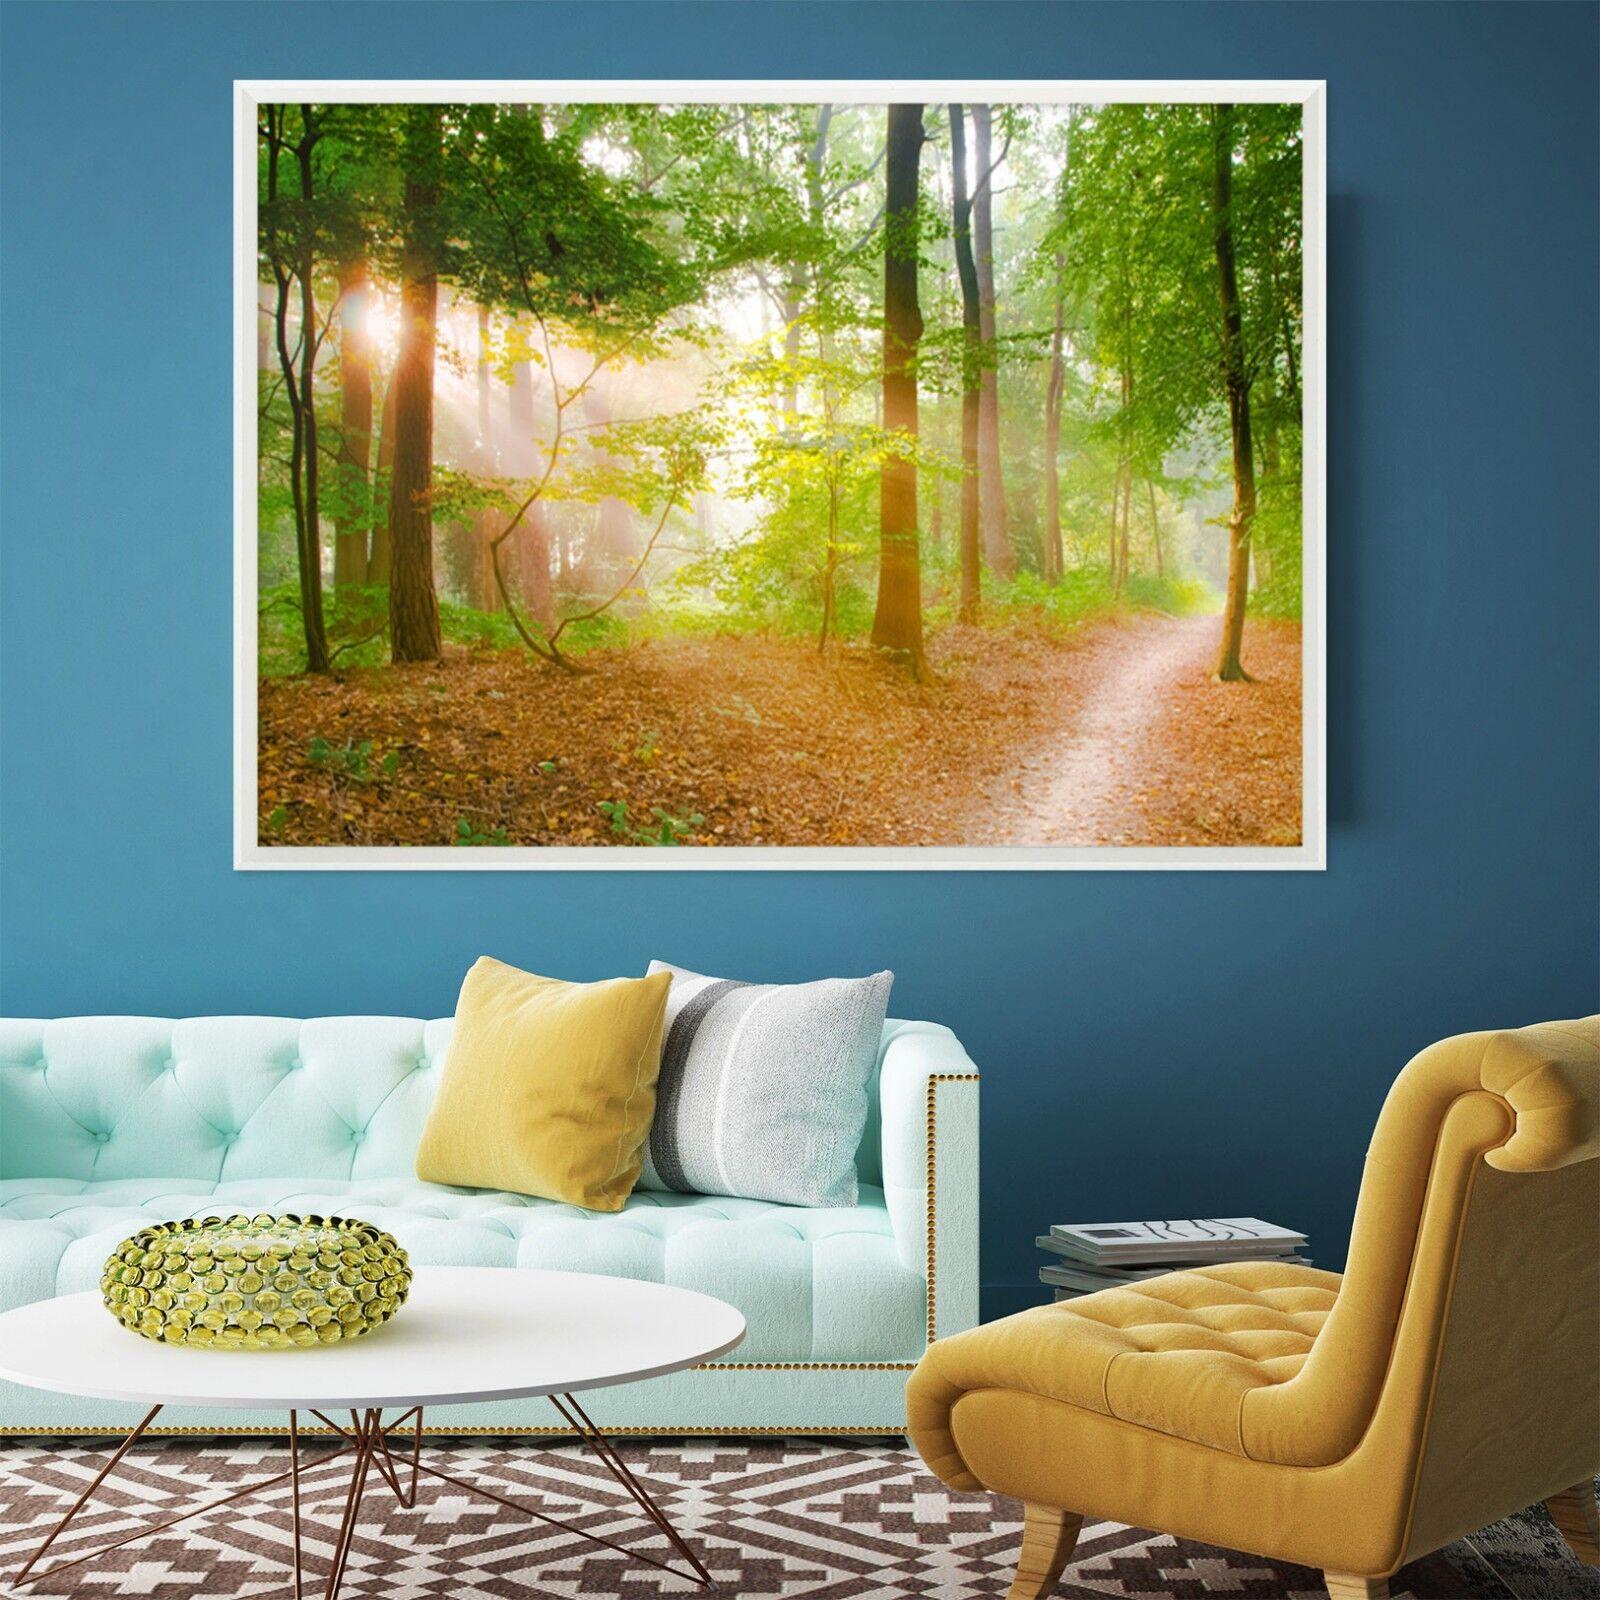 Ruta de Bosque Sol 3D 2 Póster Enmarcado Decoración del Hogar Pintura de Impresión Arte AJ Wallpaper